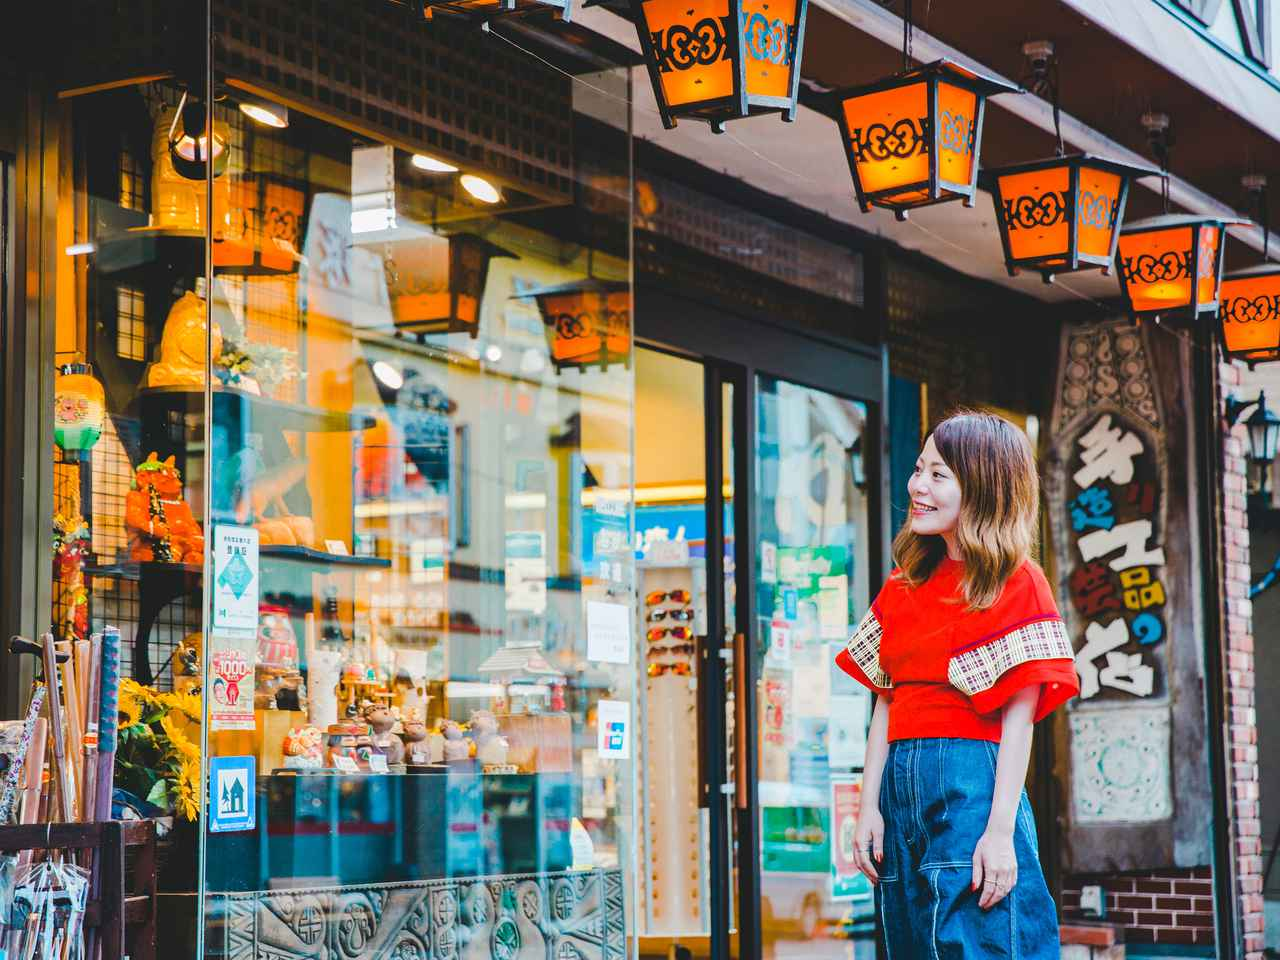 画像6: 【1泊2日】北海道西いぶり地方の魅力を、観て・食べて・学ぶ!大満喫コース!